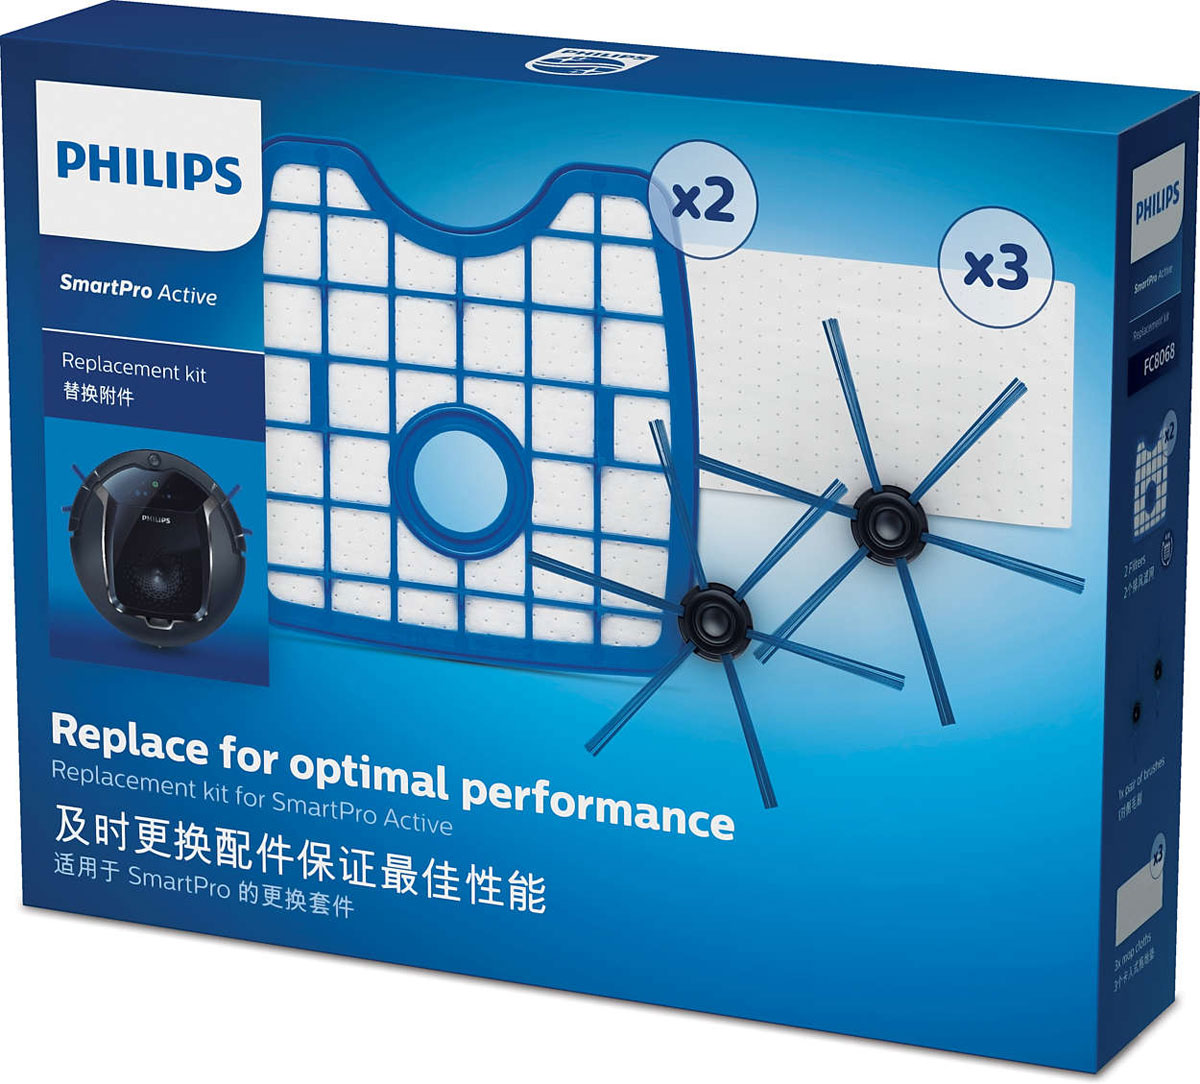 Philips FC8068/01 набор аксессуаров для робот-пылесосов SmartPro ActiveFC8068/01В сменный комплект аксессуаров Philips FC8068/01 для робот-пылесосов SmartPro Active входят 2 фильтра, 1 пара щеток и 3 салфетки для уборки. Фильтры следует заменять каждые 4 месяца для продления срока службы робота-пылесоса. Щетки для пыли рекомендуется заменять один раз в год.